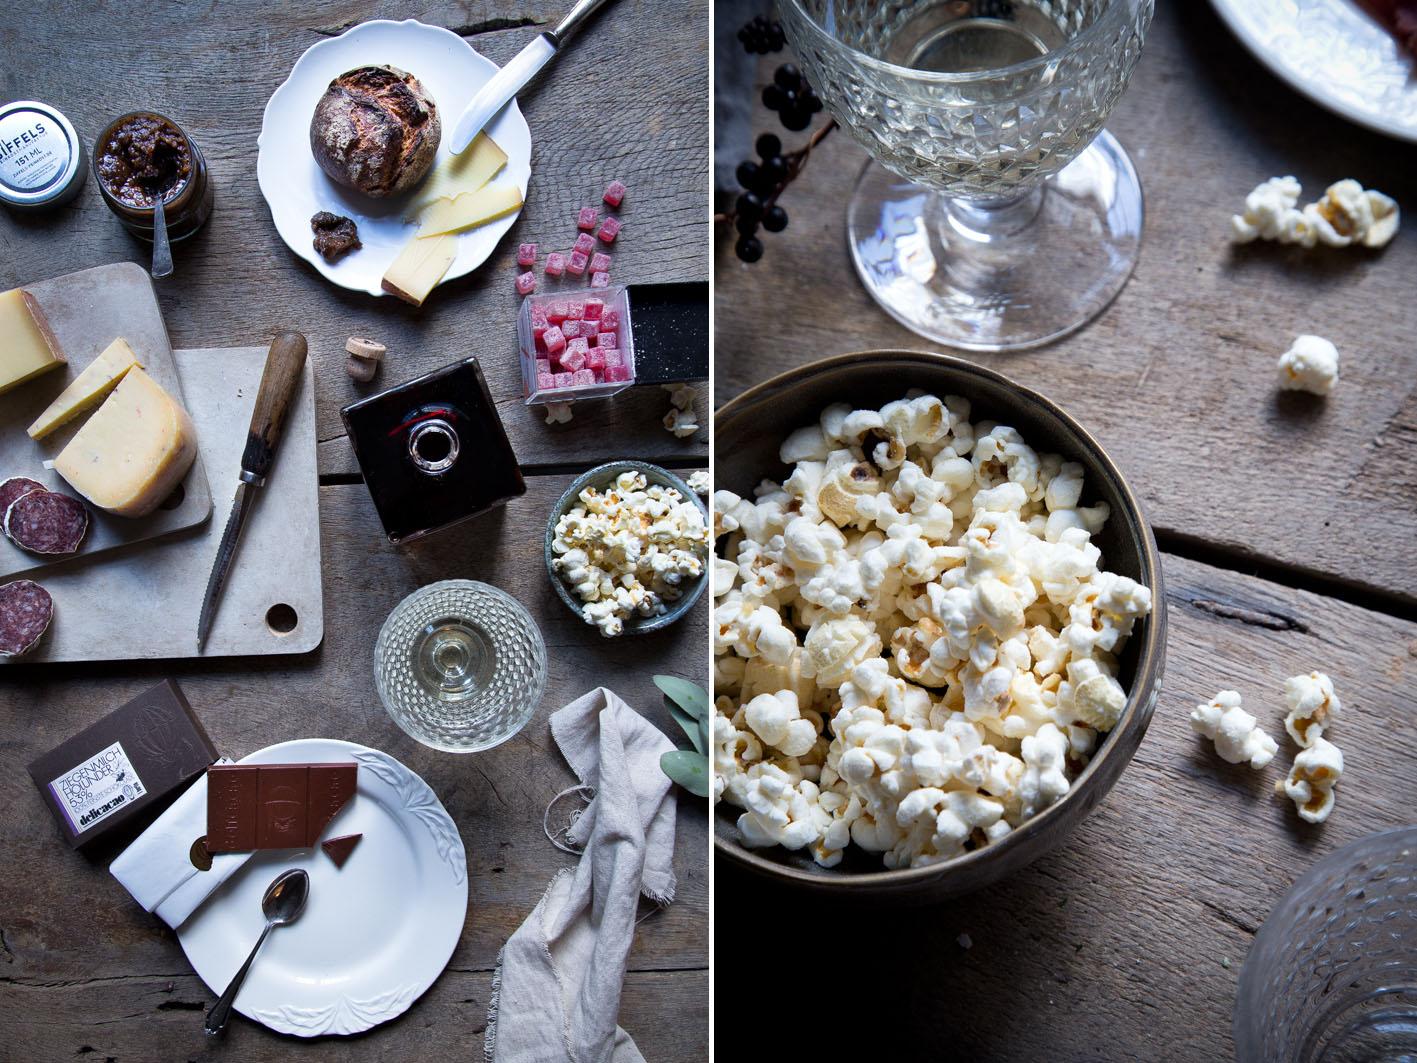 gegessen wird immer popcorn